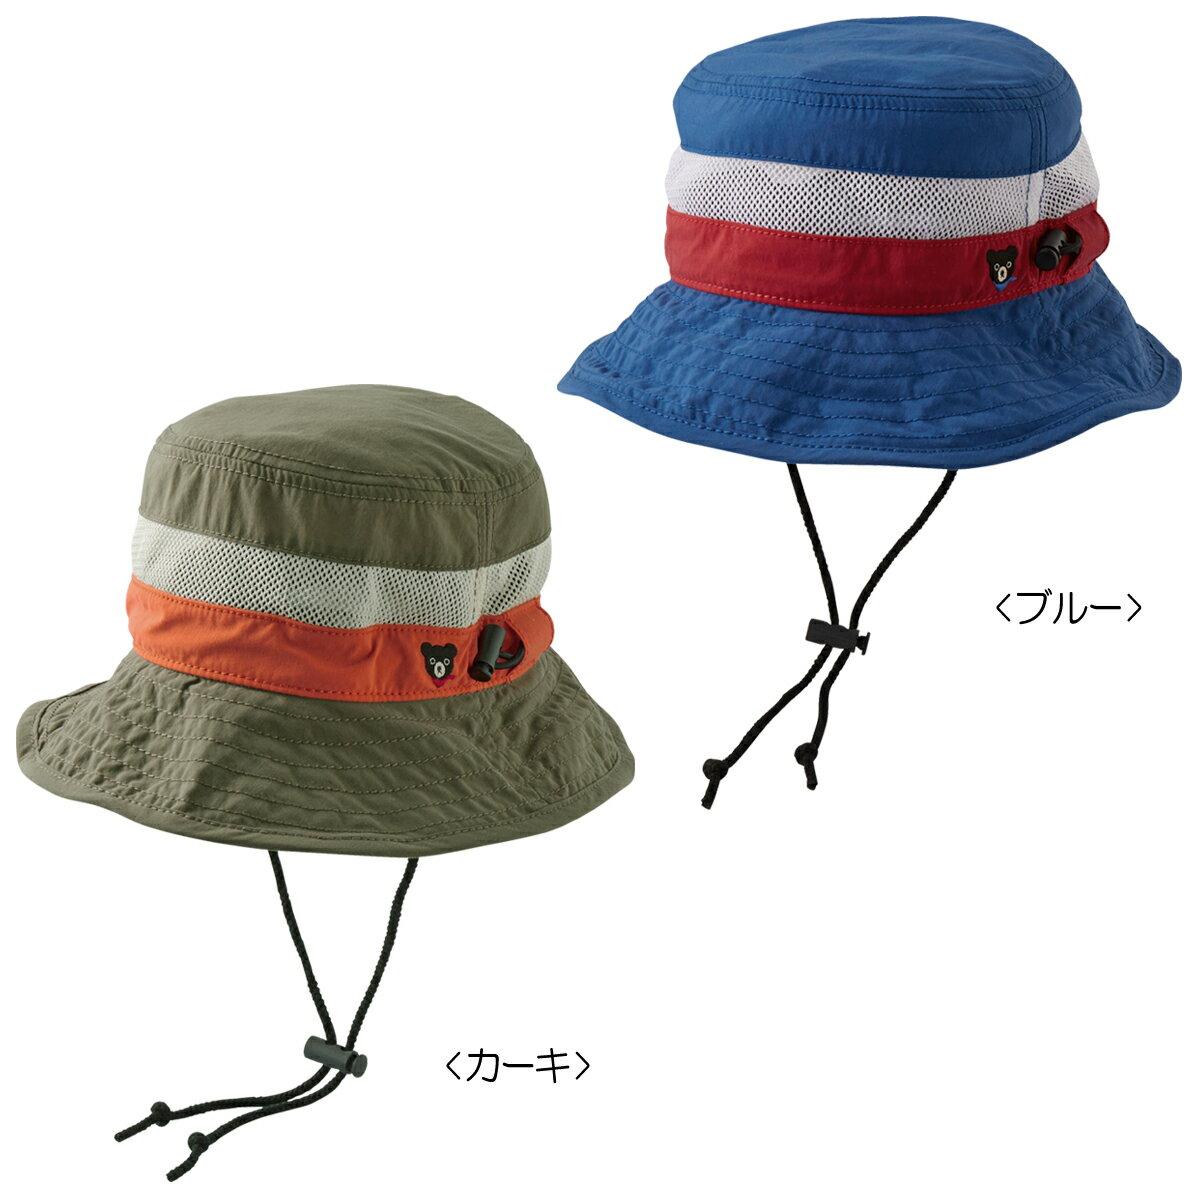 日よけフラップ収納つきサファリハット(帽子)〈S-LL(48cm-56cm)〉